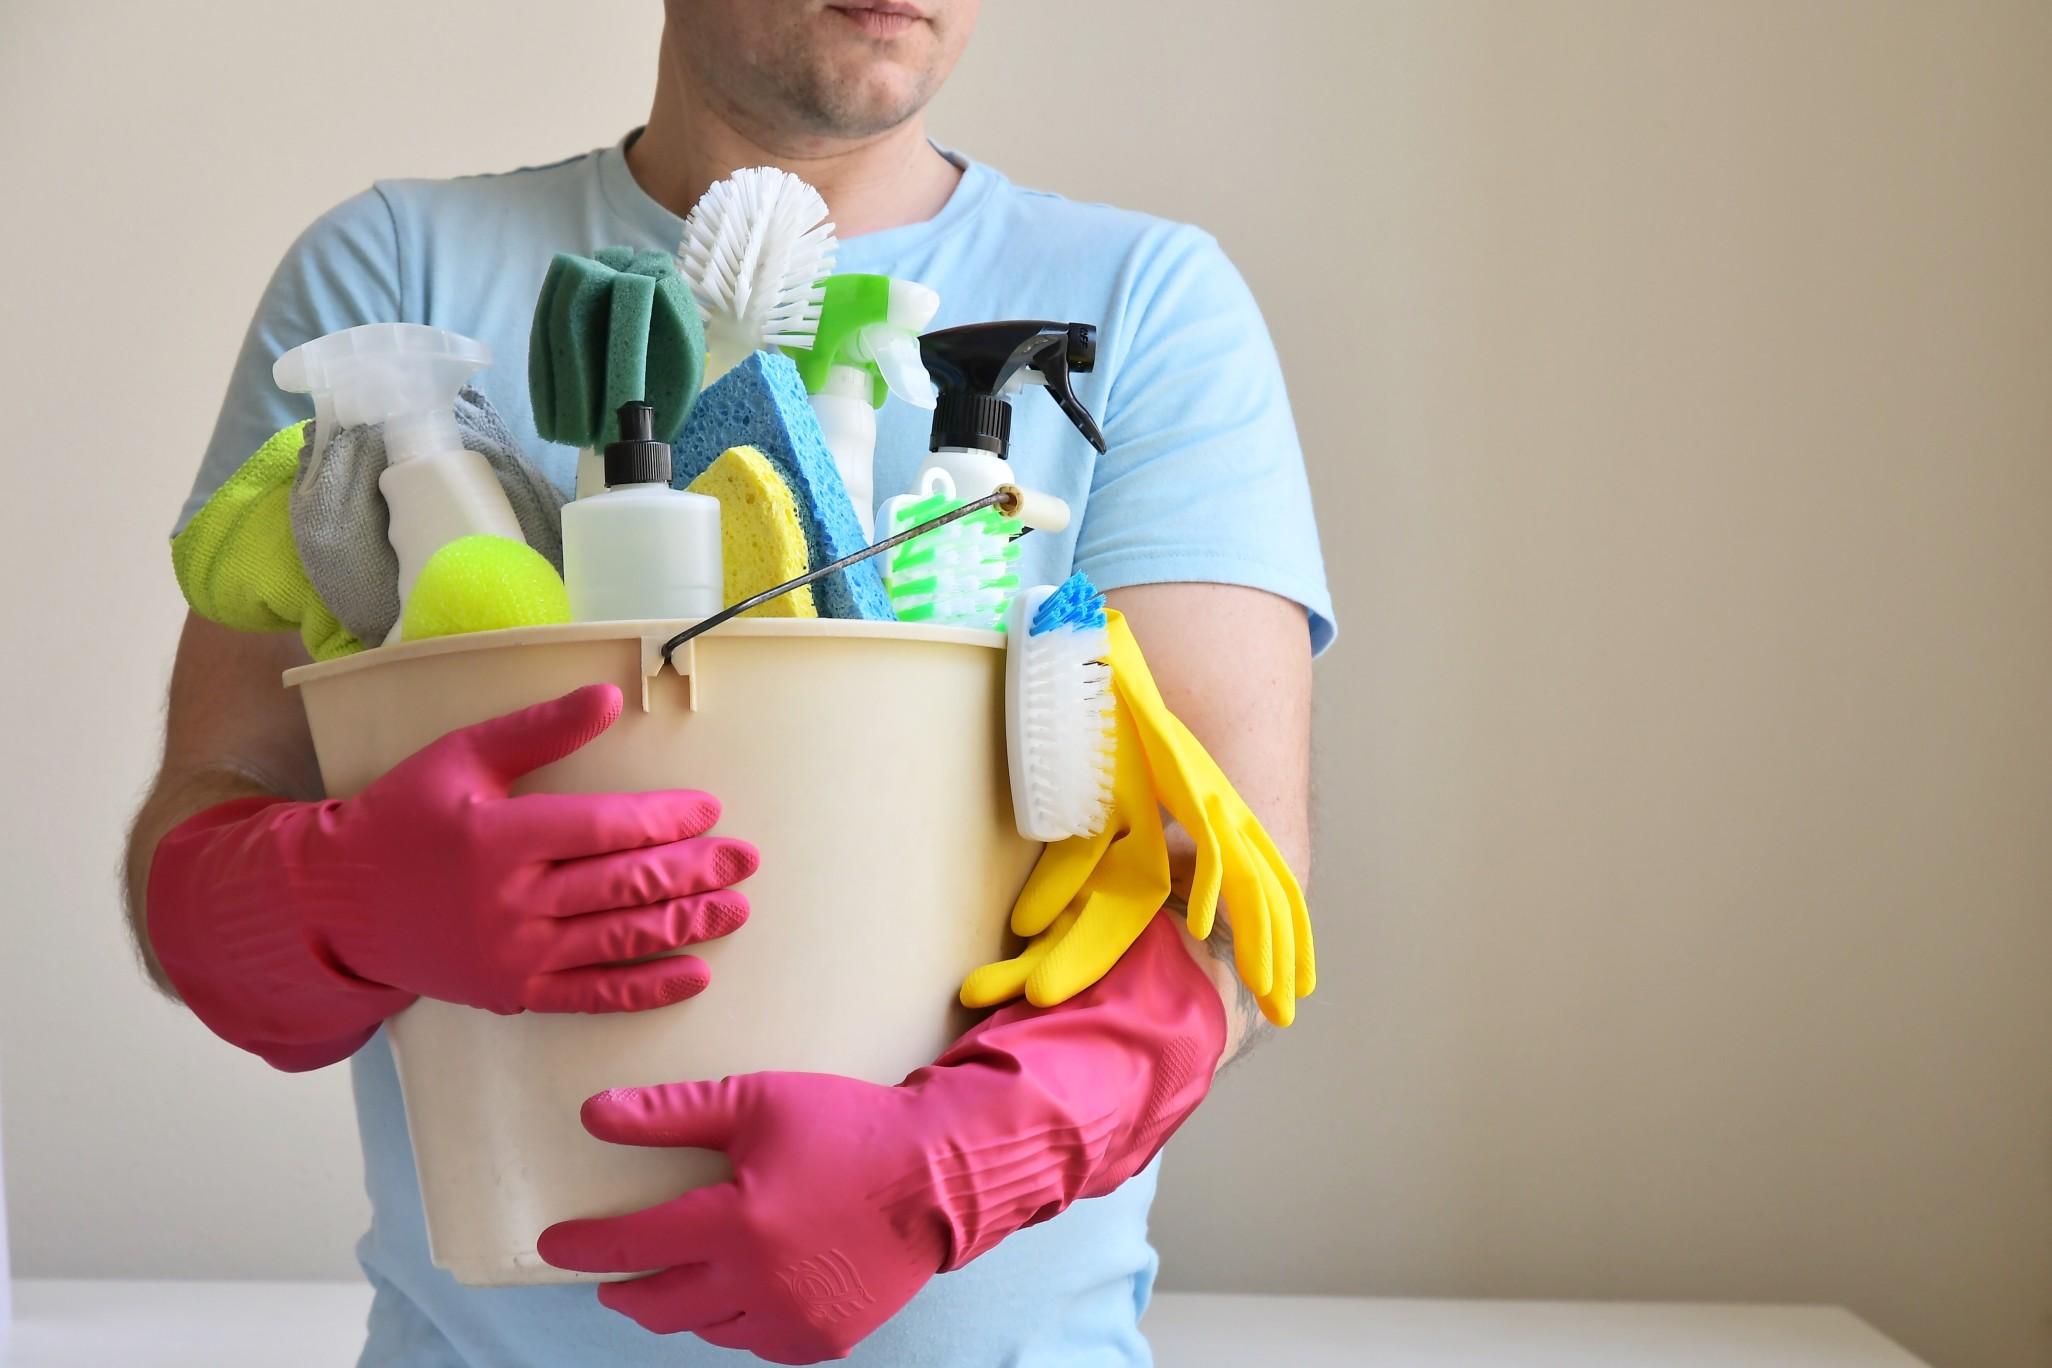 Mindestlohn für rund 700.000 Reinigungskräfte in ...